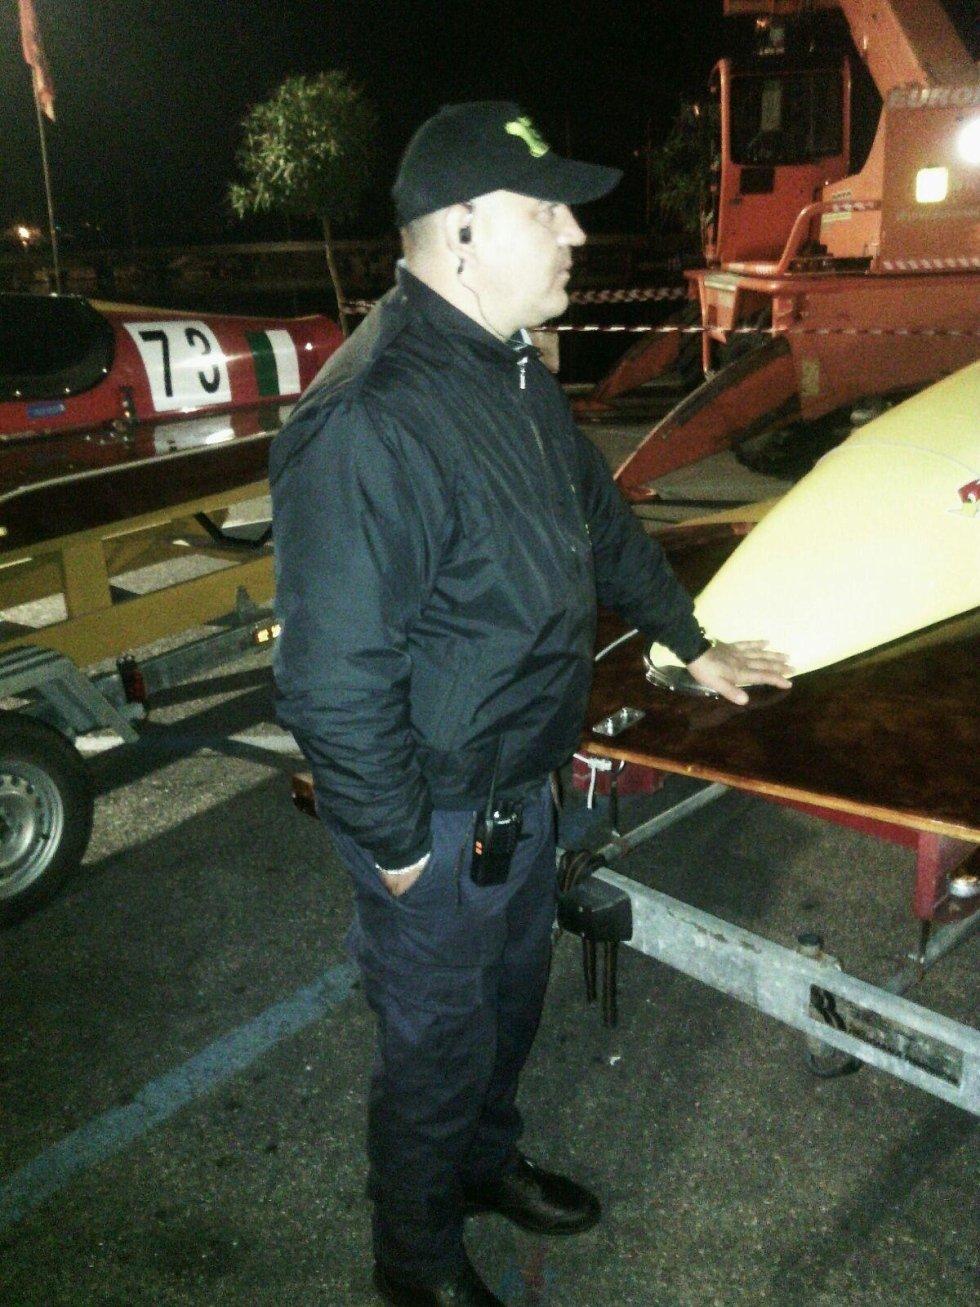 una guardia di sicurezza con un cappellino con la visiera